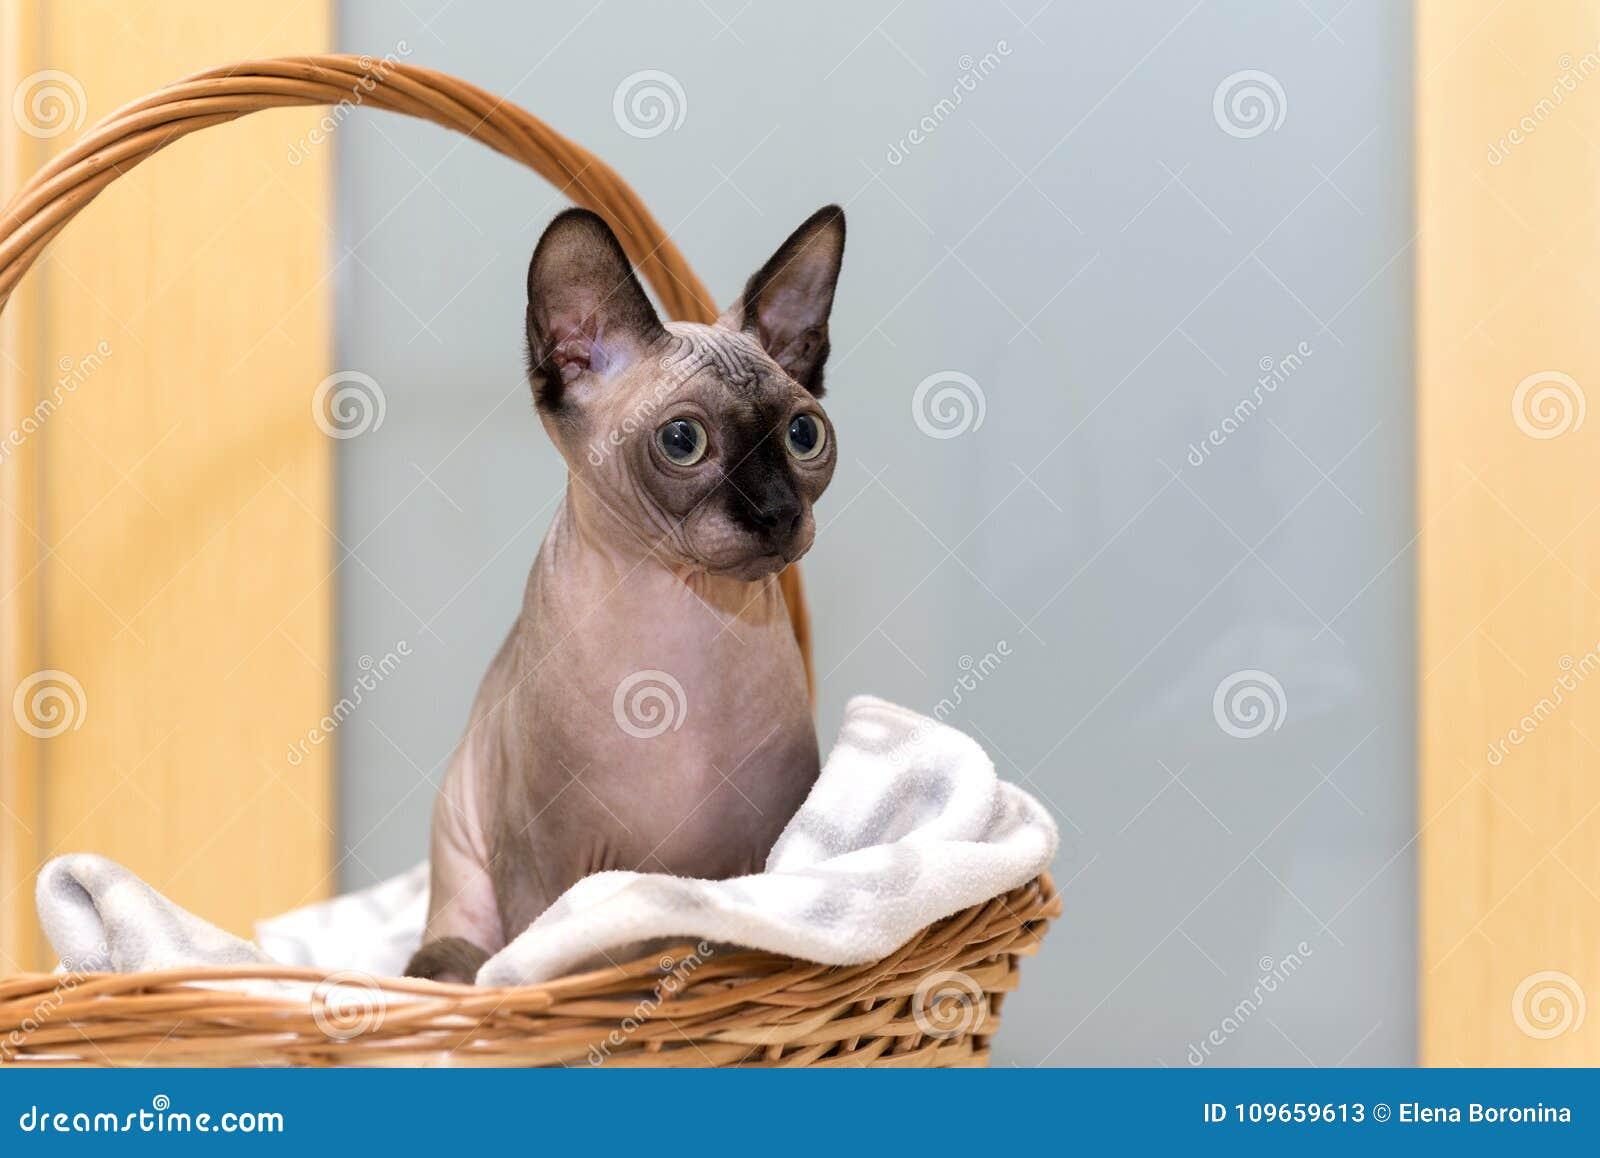 łysy Bezwłosy Kot Kot Traken Kanadyjski Sphynx Siedzi Wewnątrz Obraz